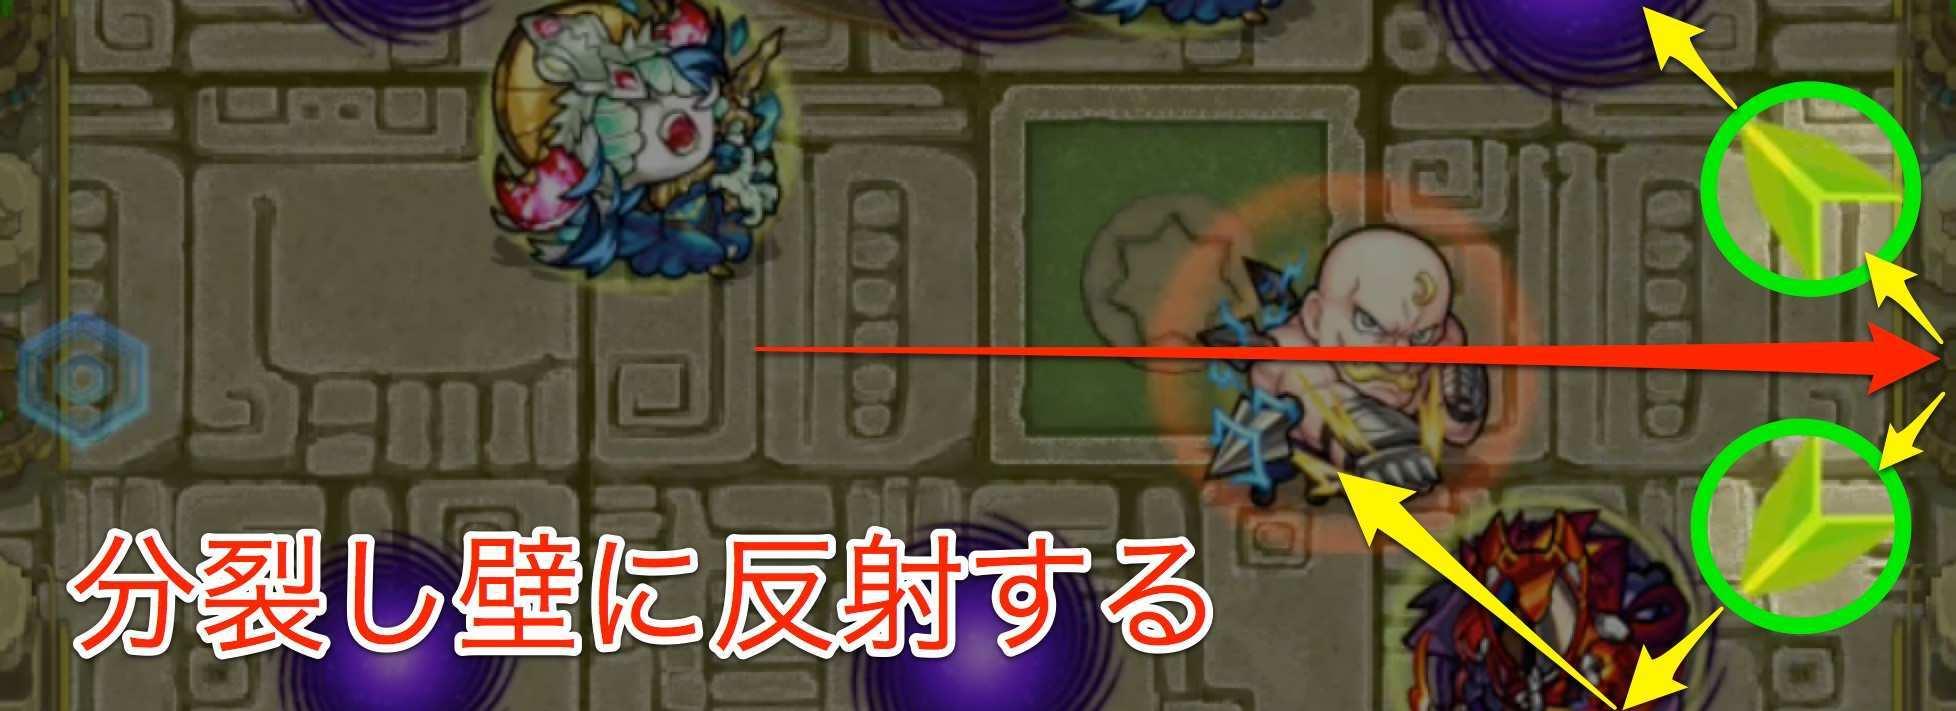 超強分裂貫通衝撃波.jpg